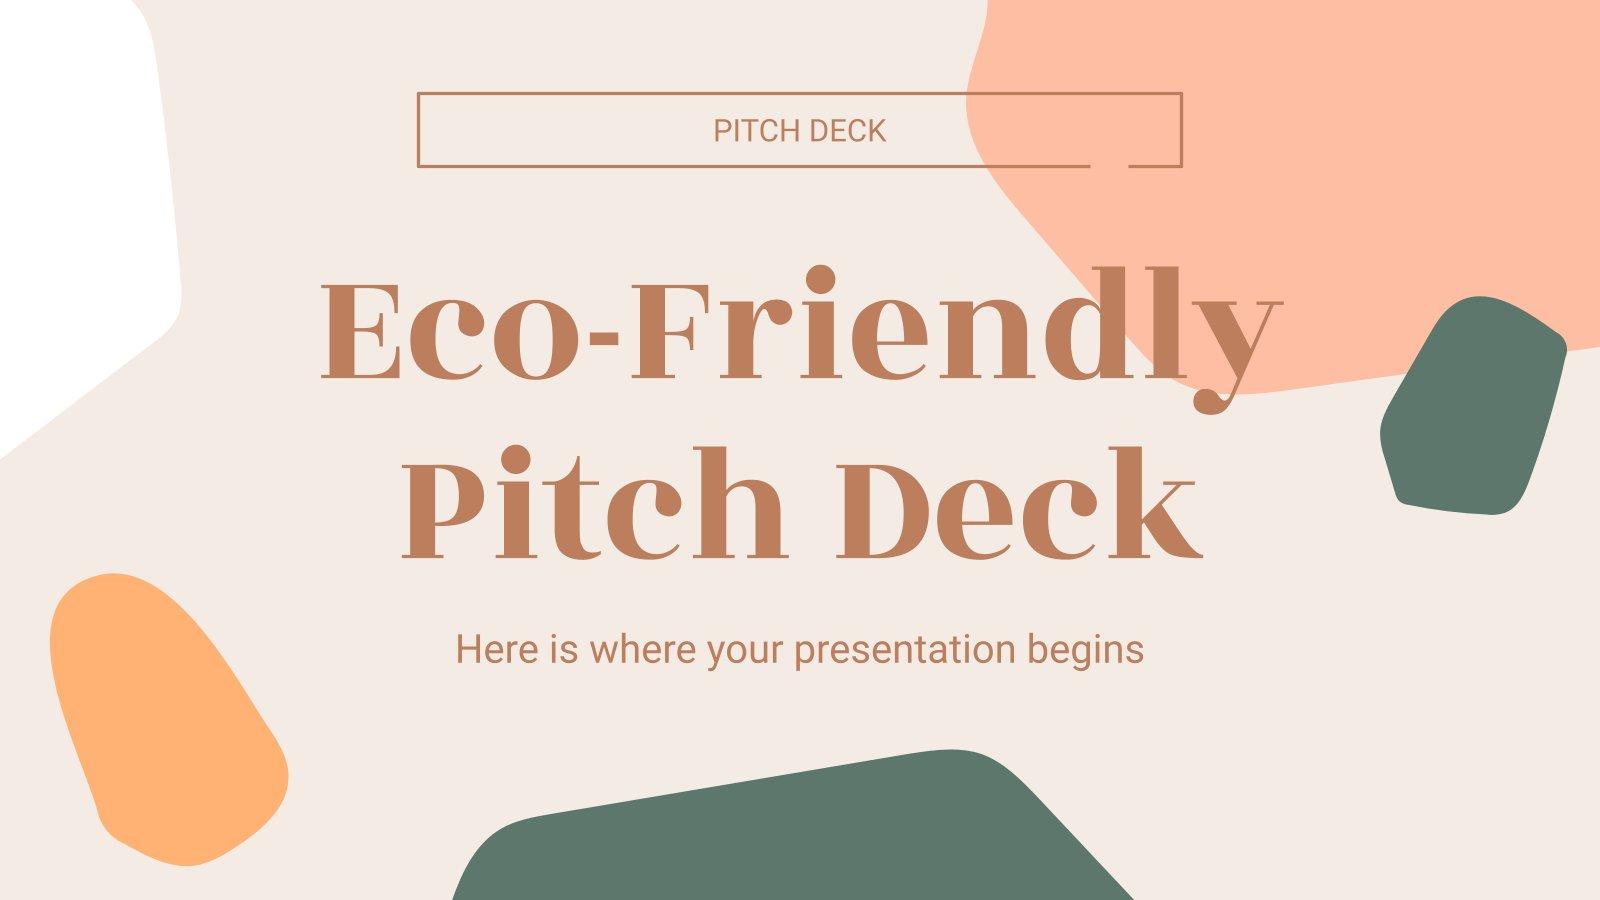 Modelo de apresentação Pitch deck ecológico